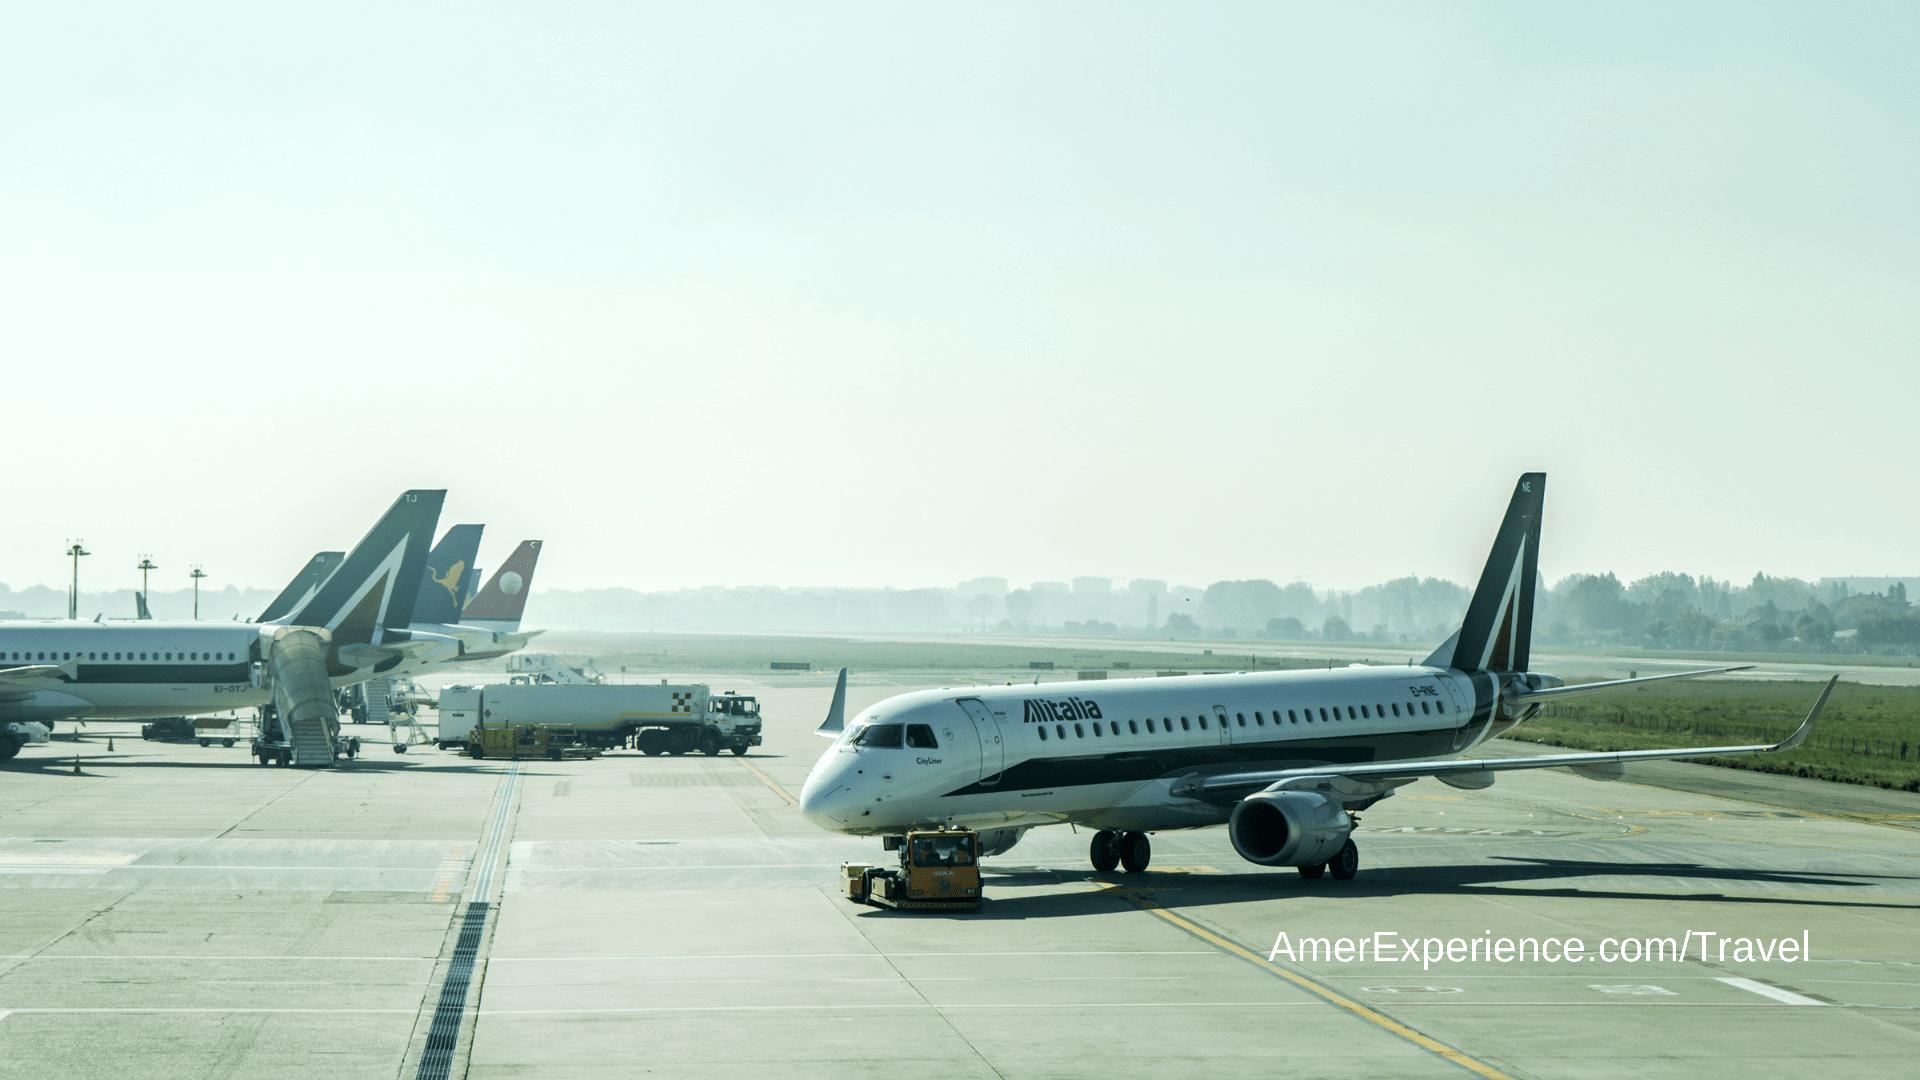 Alitalia lopettaa toimintansa 14. lokakuuta ja Italian uusi lentoyhtiö ITA (Italia Trasporto Aereo) nousee taivaalle seuraavana päivänä.